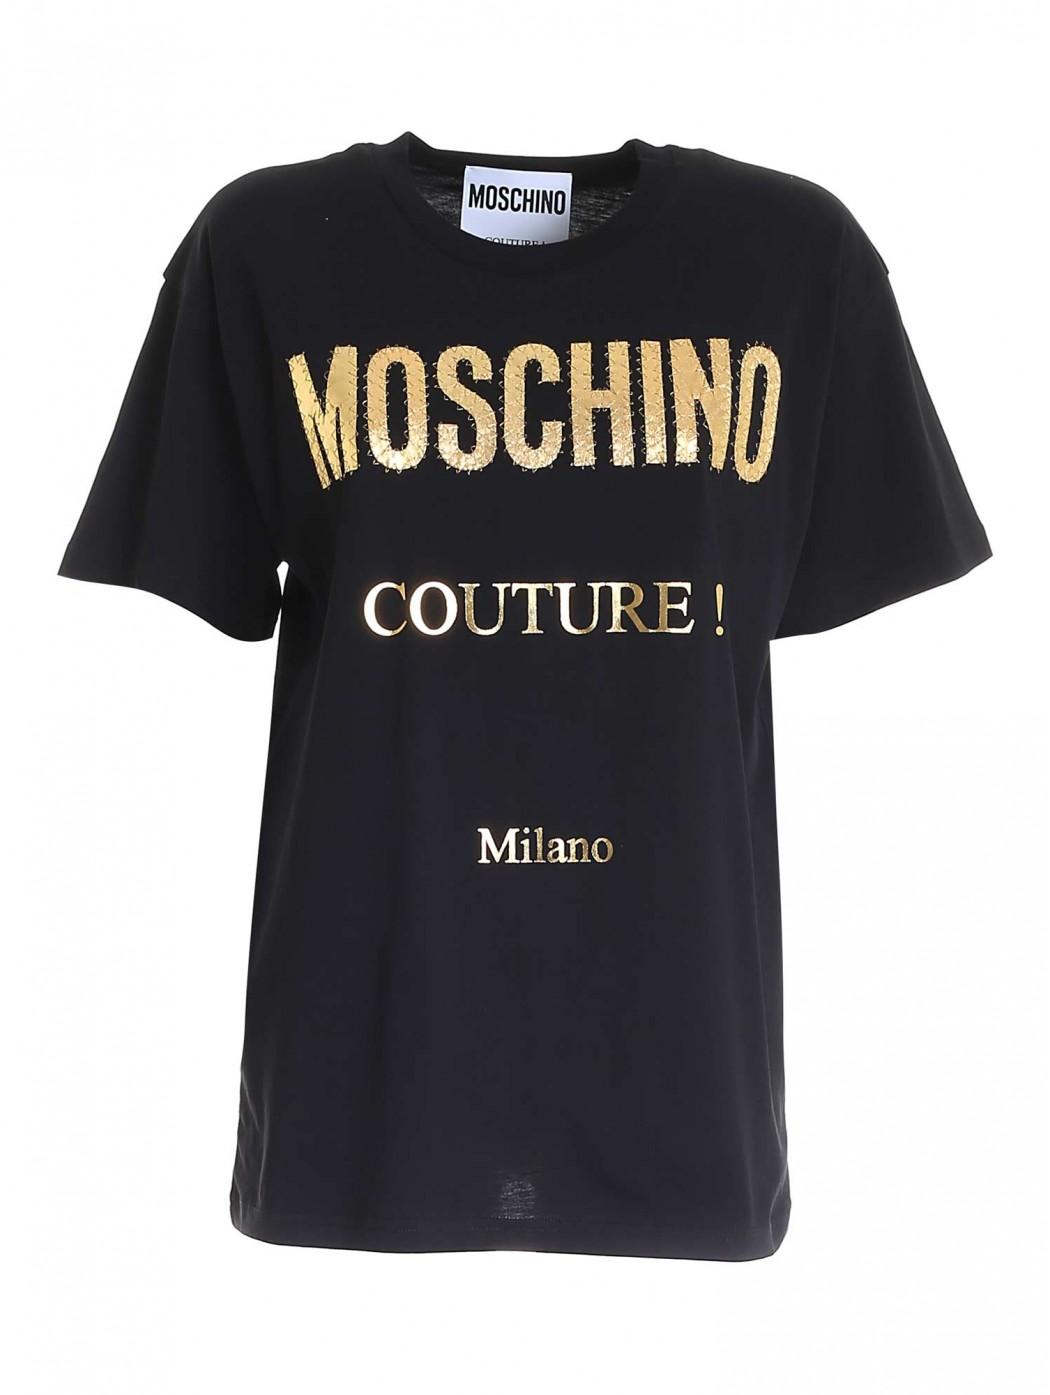 T-SHIRT MOSCHINO 07130440 J1555